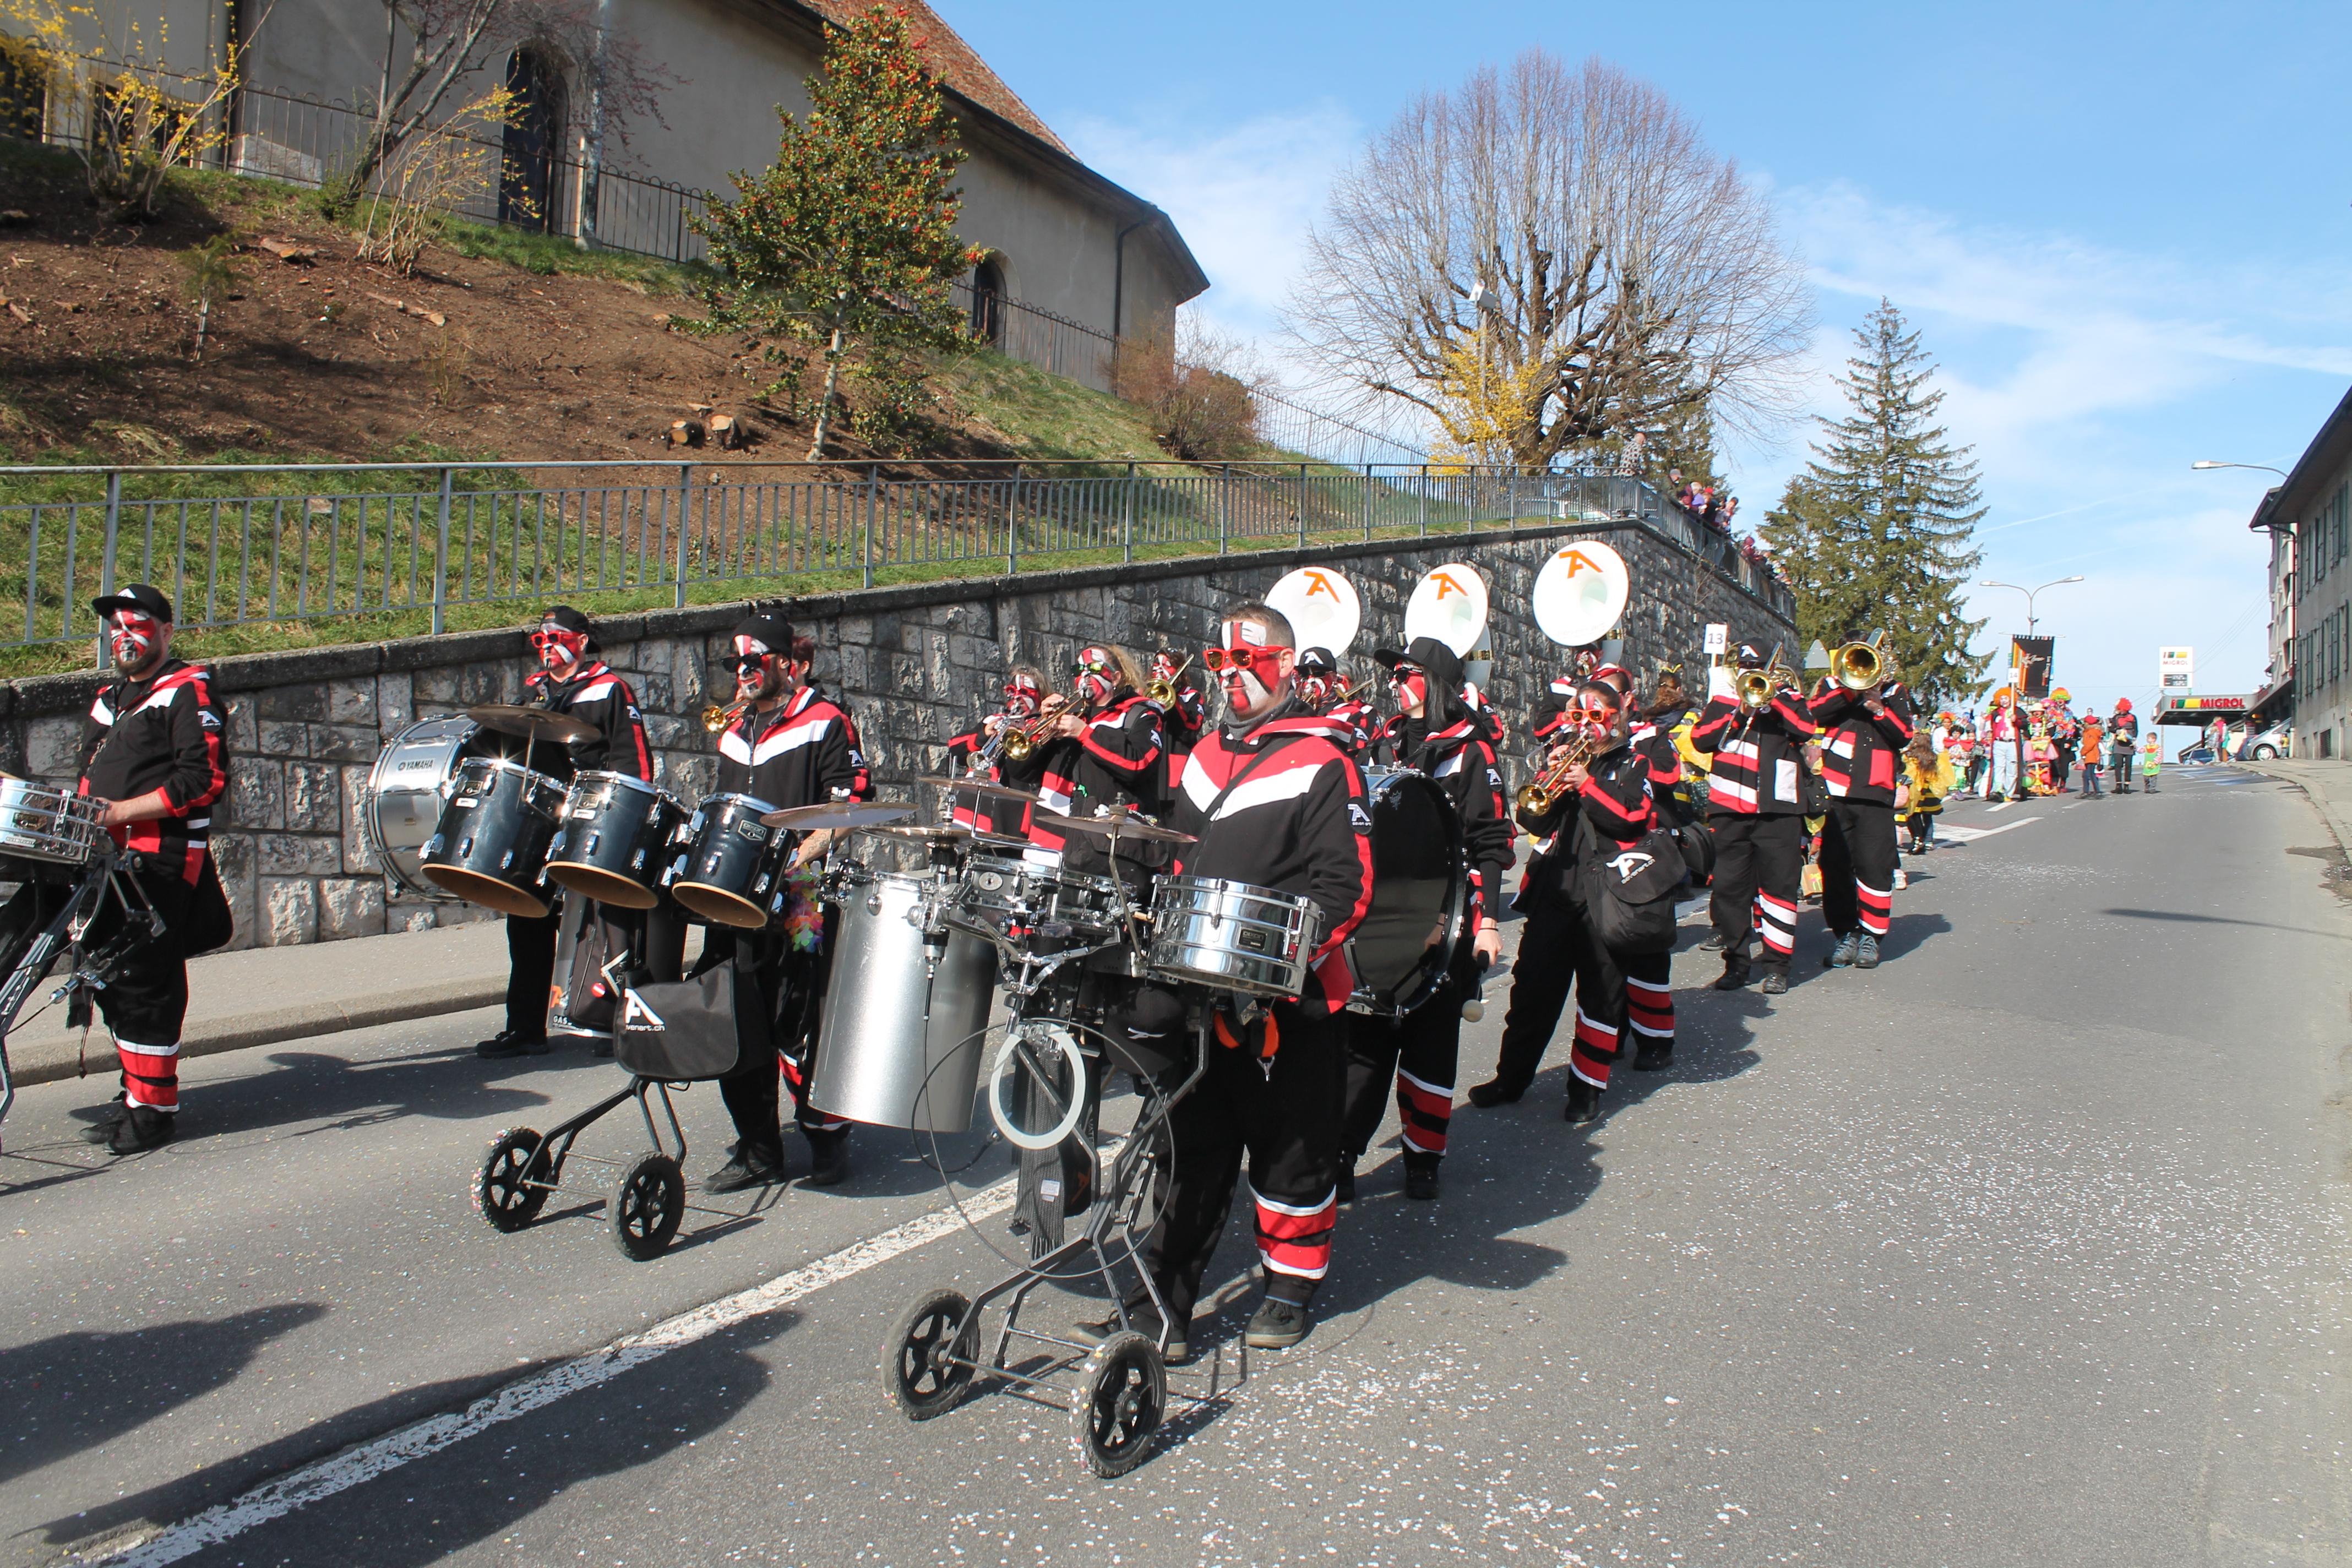 Carnaval de Vallorbe